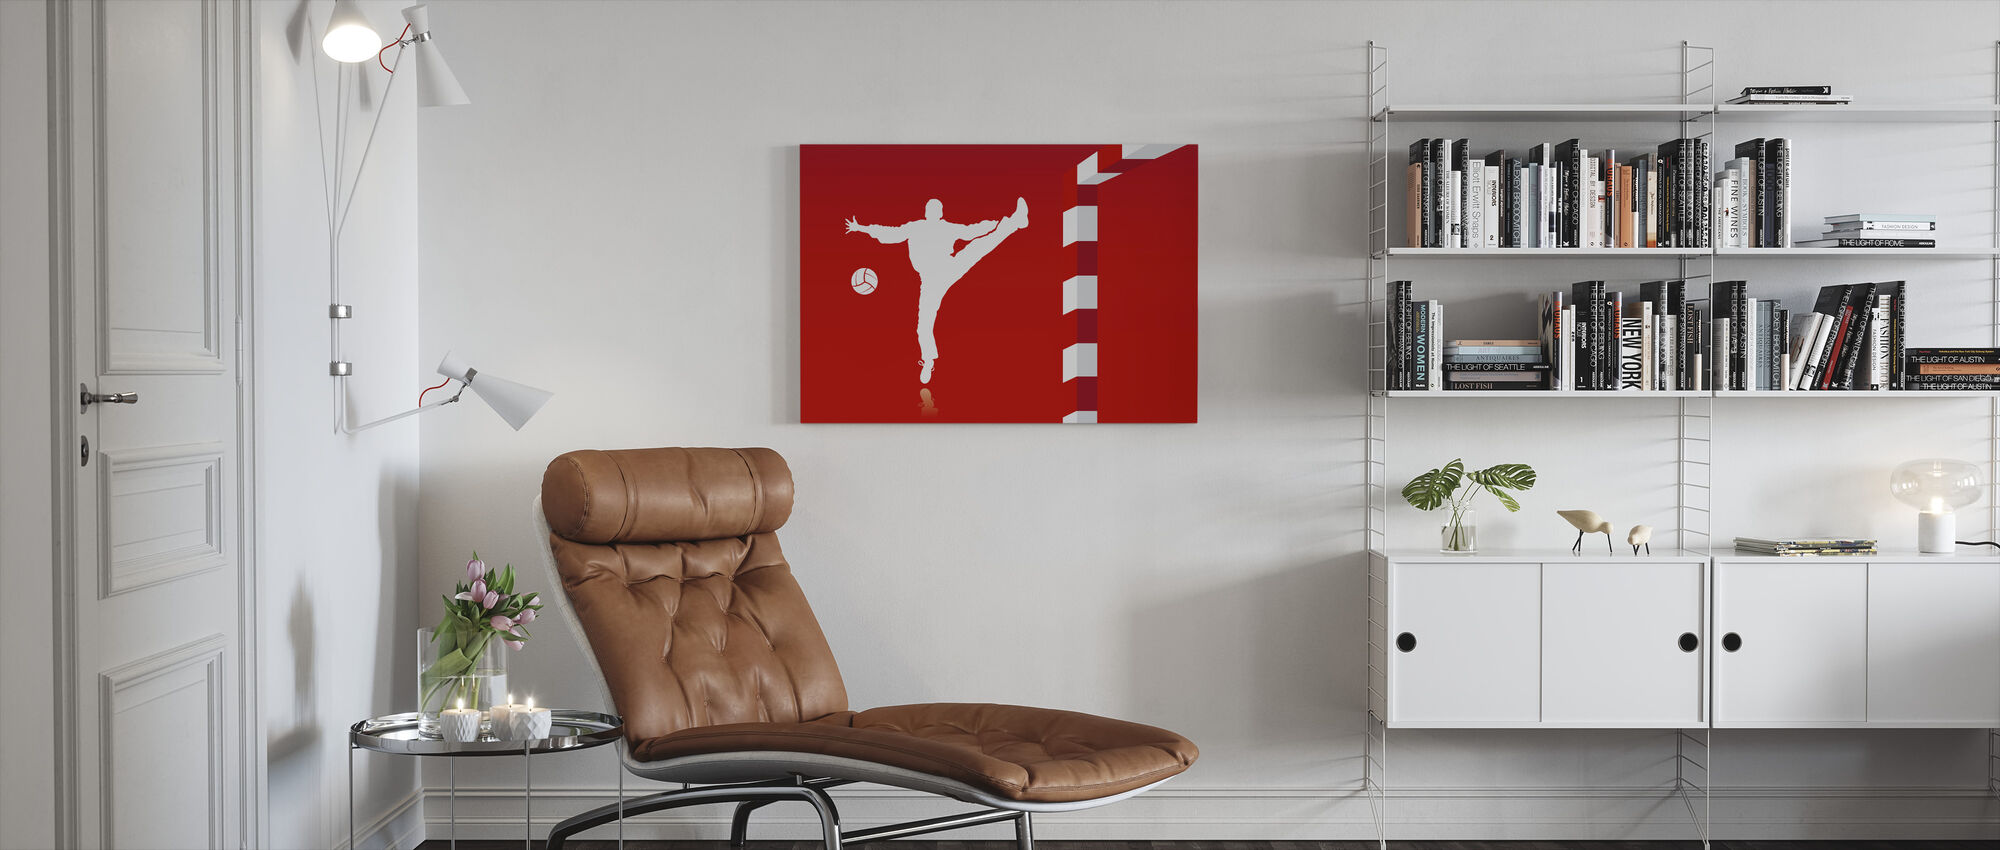 Käsipallo - Punainen - Canvastaulu - Olohuone